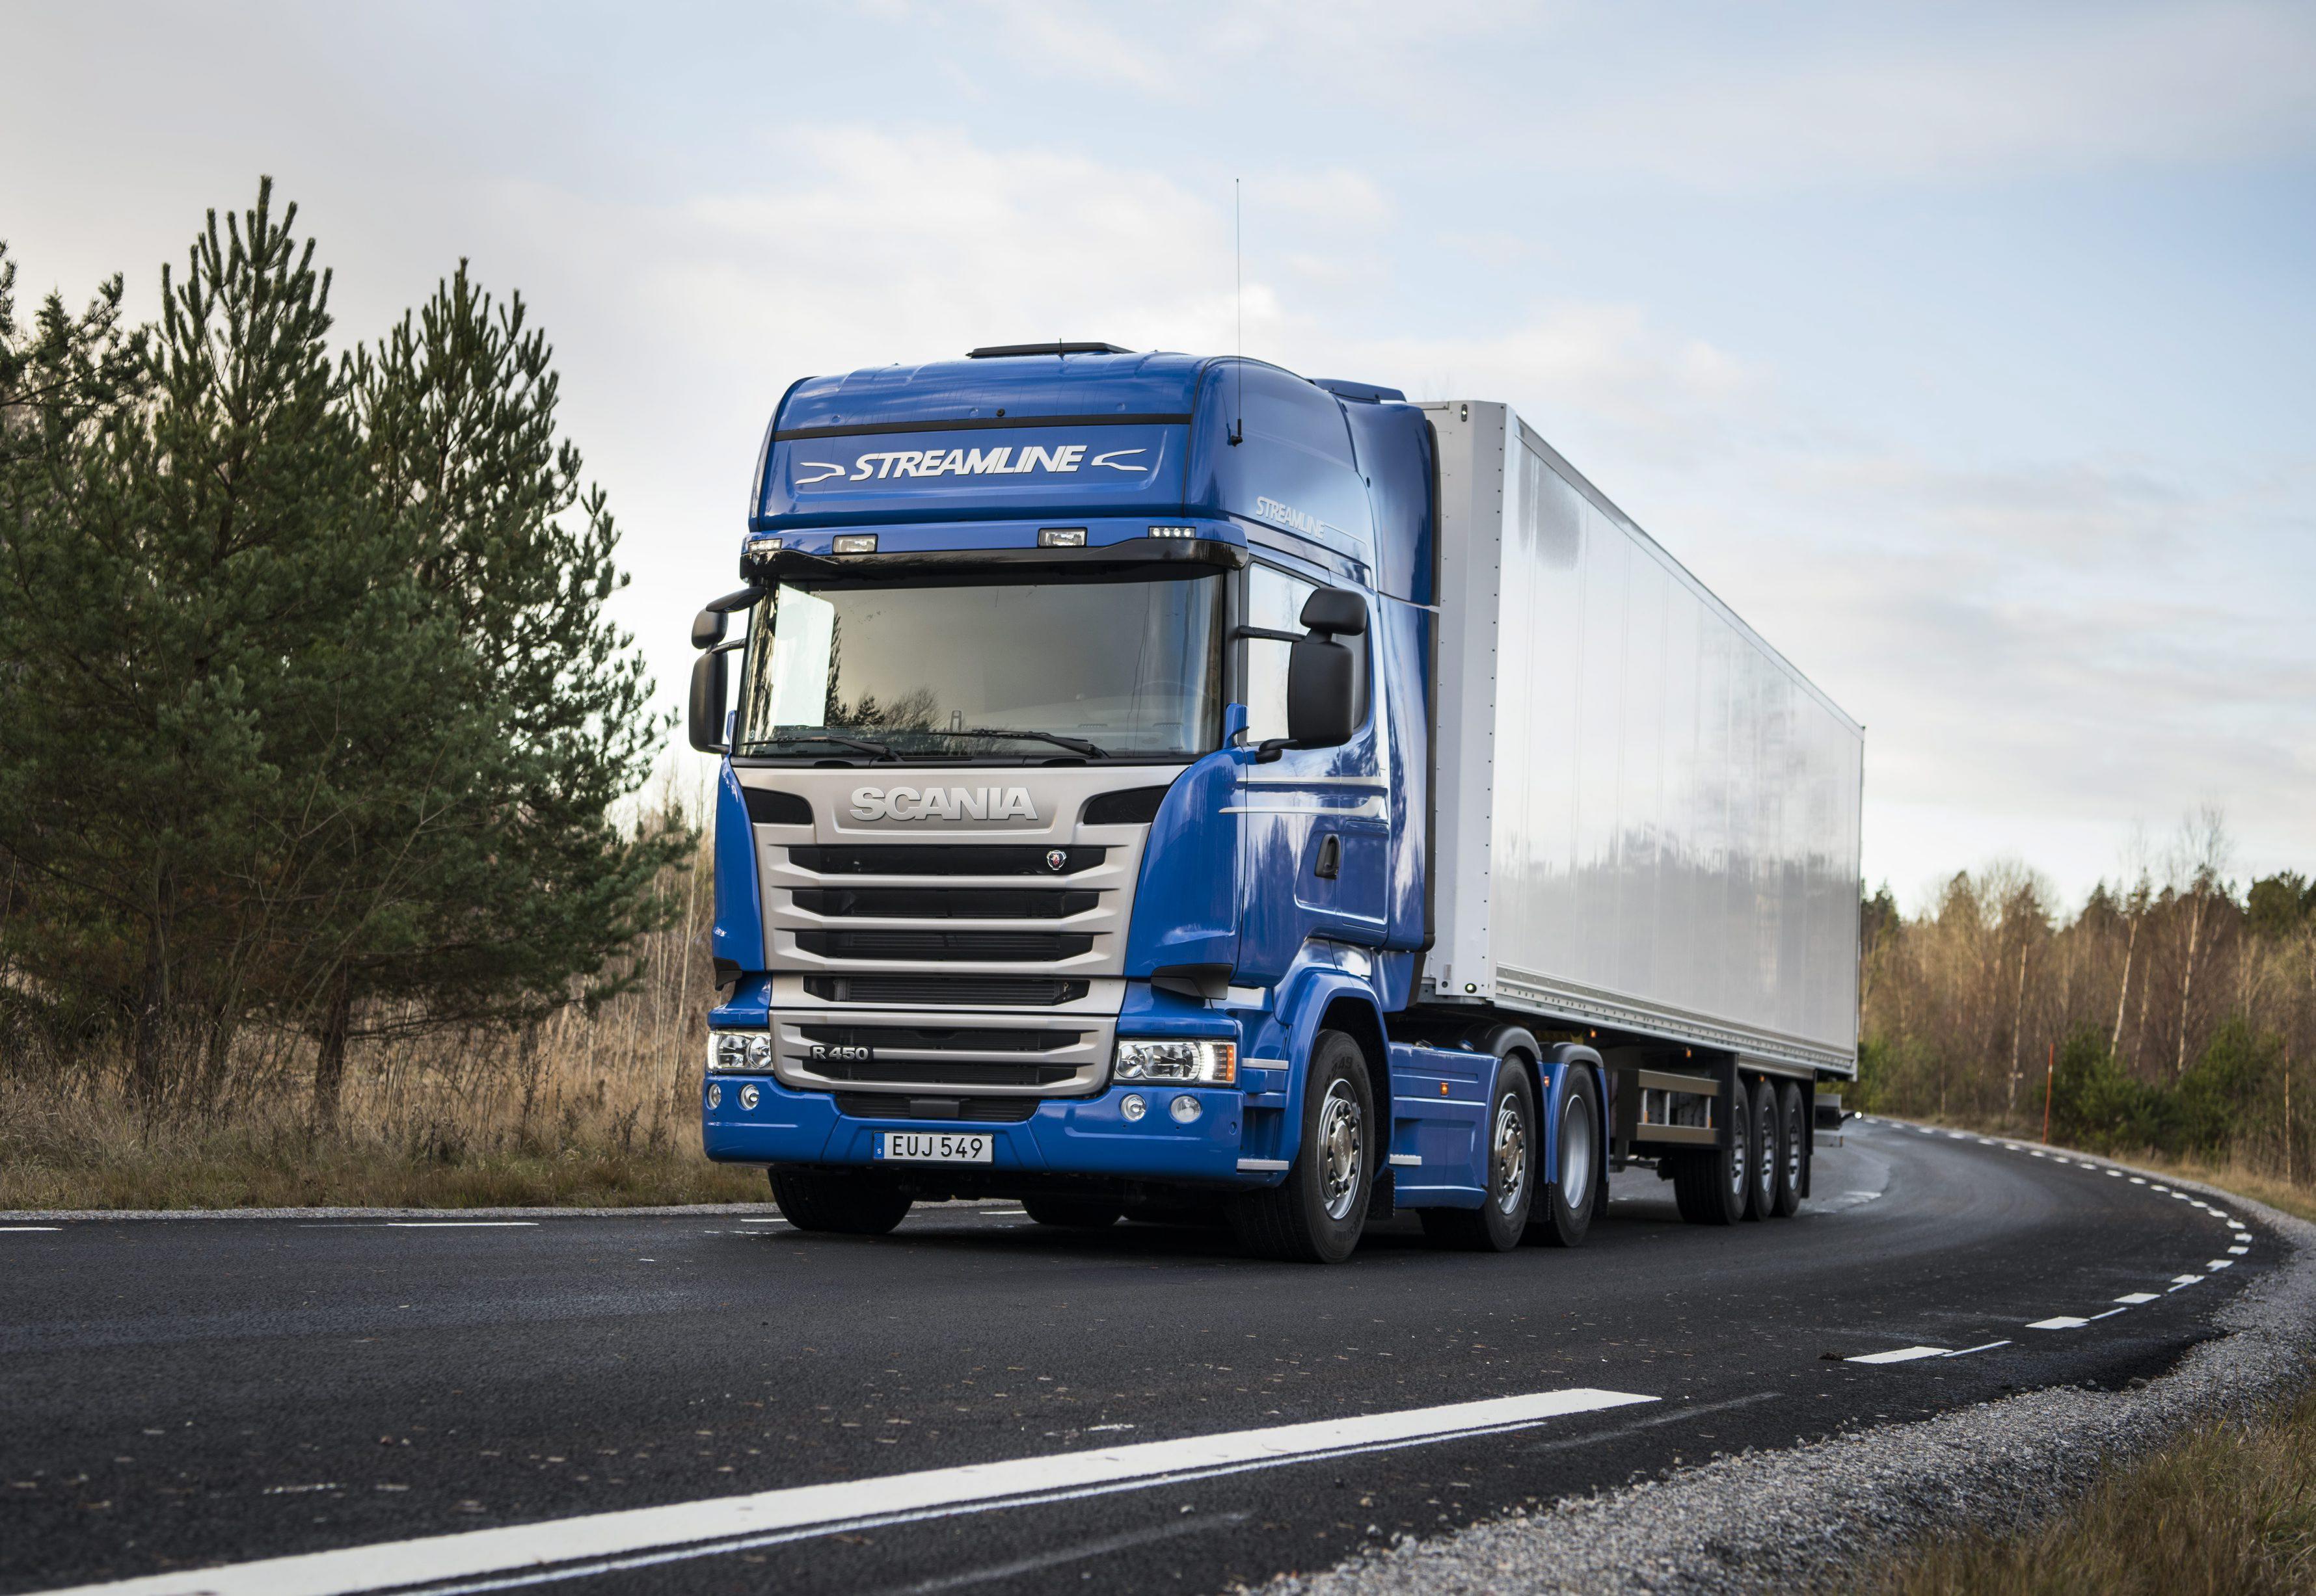 Scania lidera el mercado de vehículos de más de 16 toneladas en el primer trimestre de 2016 con 856 unidades matriculadas.